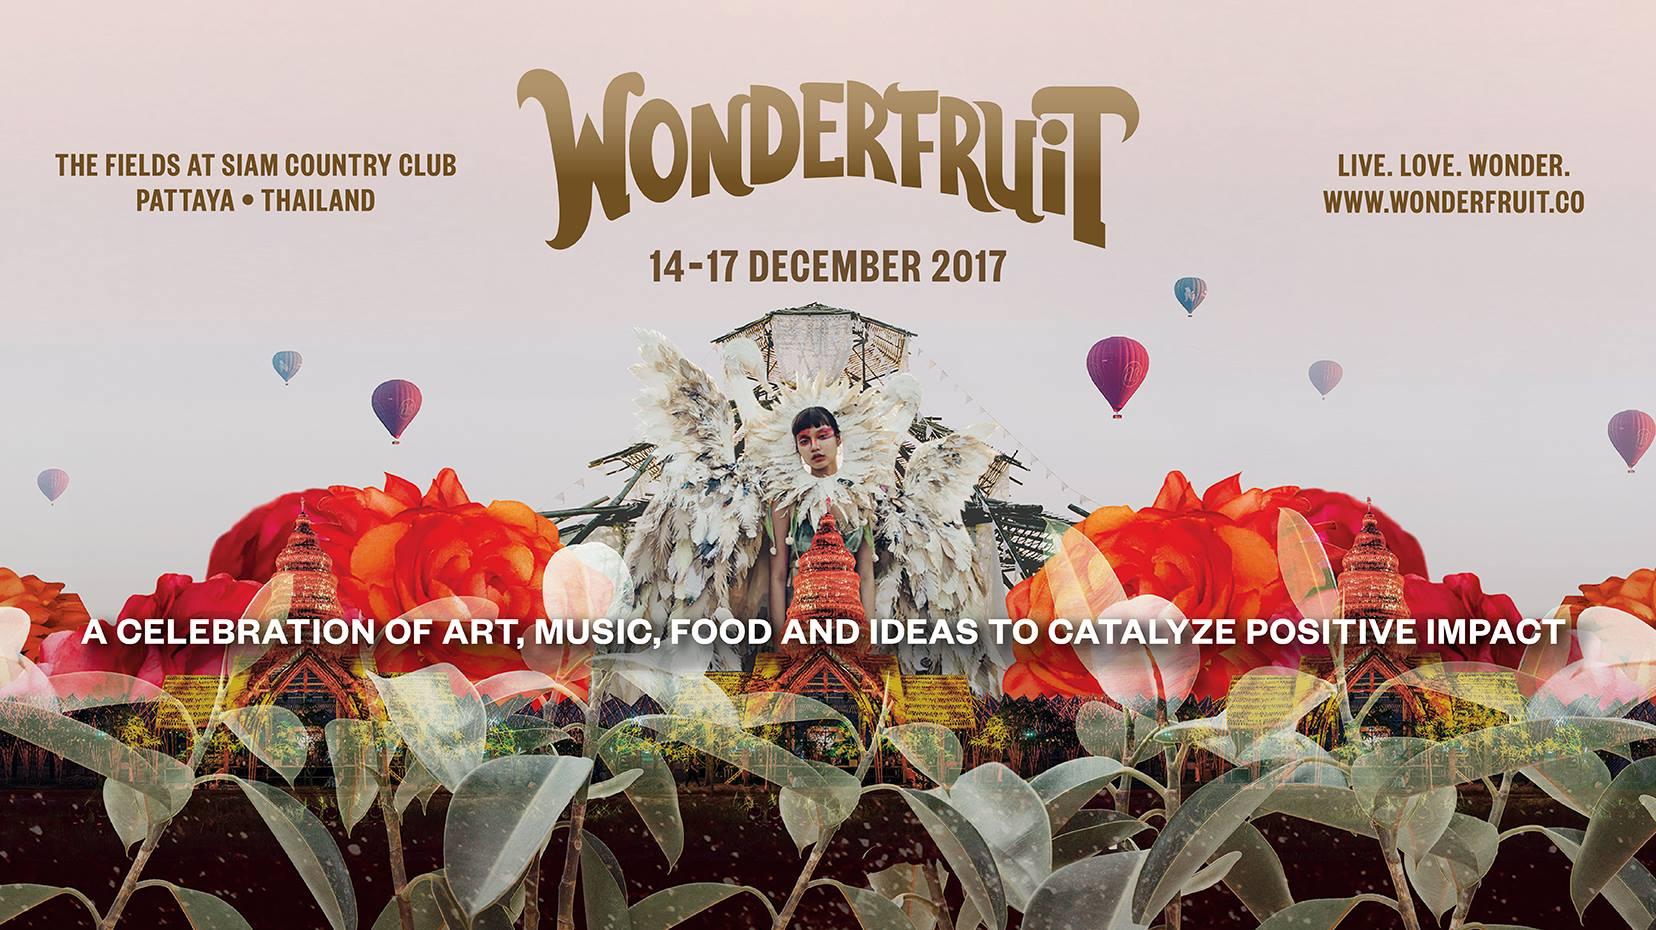 เทศกาลดนตรีผลไม้แห่งความสุข 2560 (Wonderfruit Festival 2017)